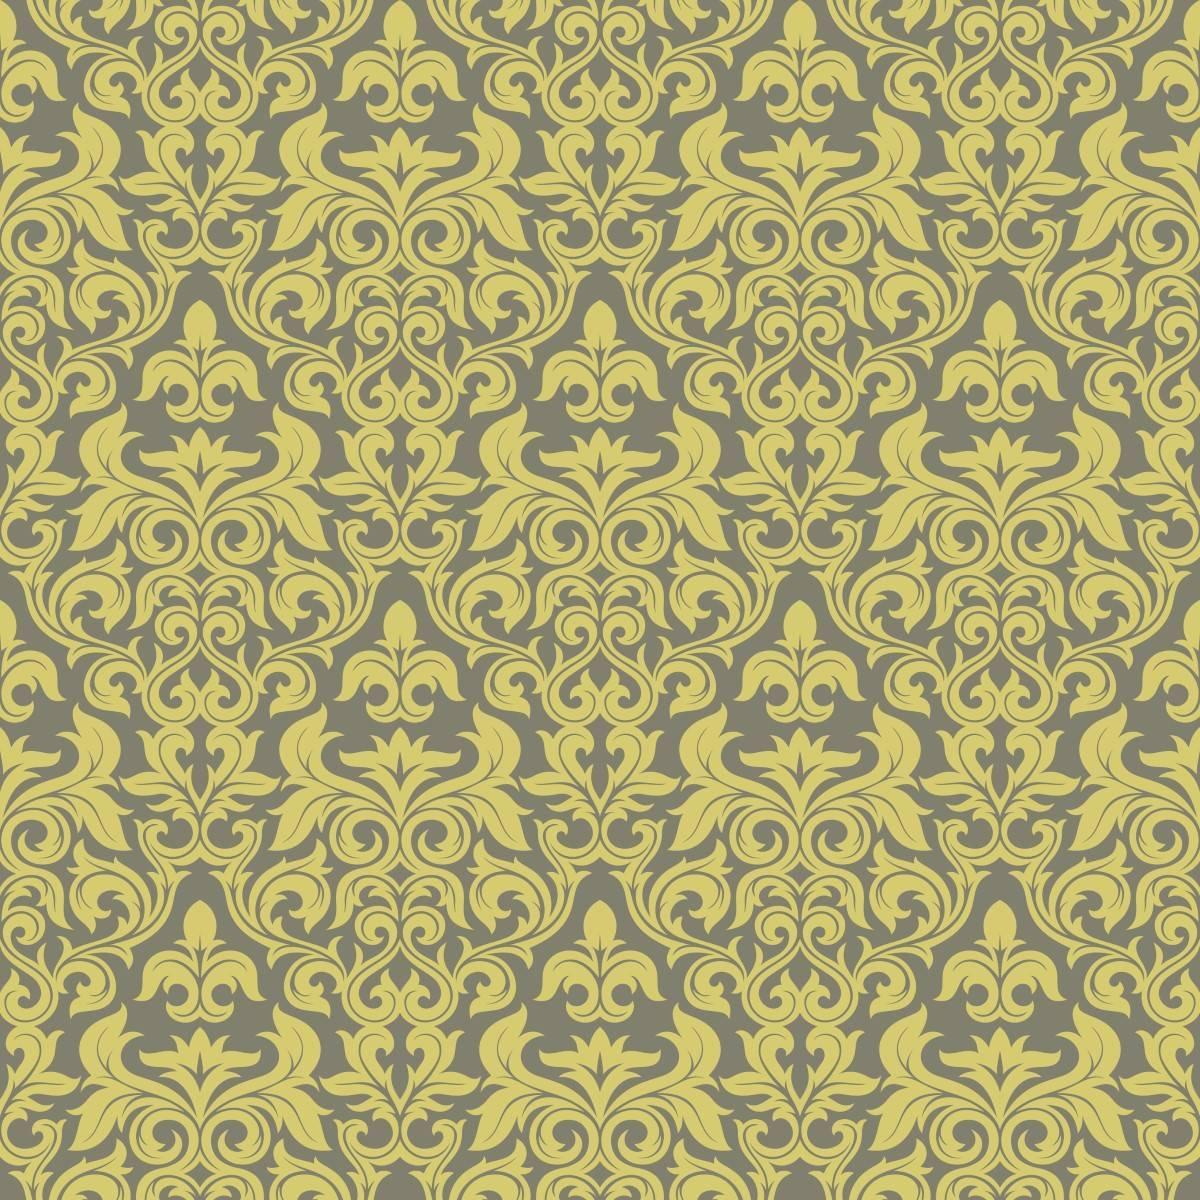 Papel de Parede Arabesco Dourado | Adesivo Vinilico imagem 2